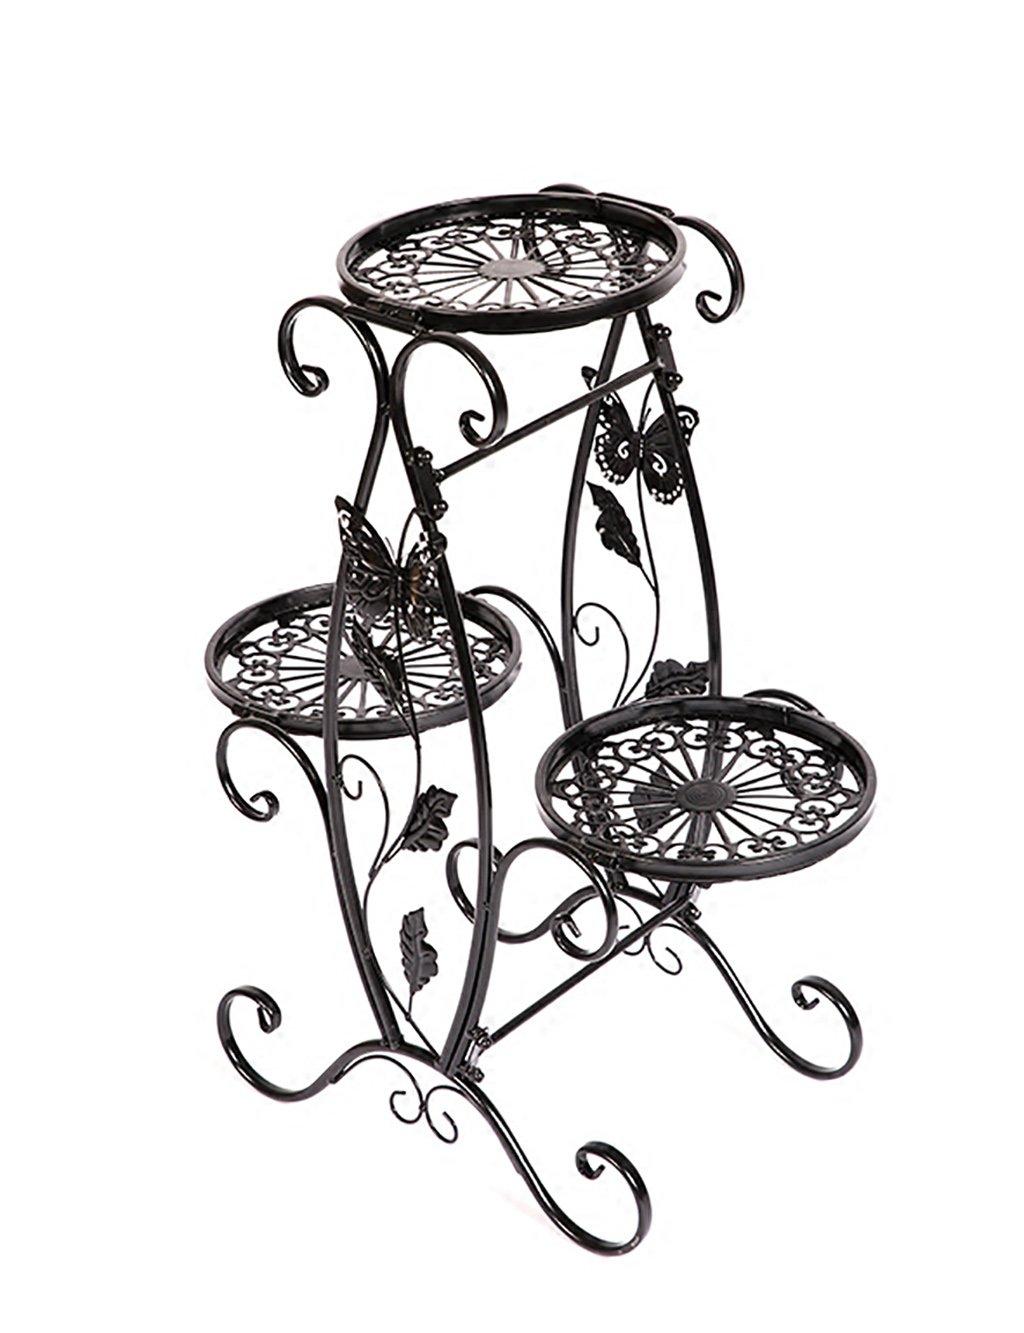 XUEWENZHE Blumenständer Europäische Art-Eisen-Blumen-Zahnstange Einzelnes Schicht-Blumen-Zahnstange-Fußboden-Art Blumen-Zahnstange Balkon-Fußboden-Pflanzer-Regal-einfaches modernes Wohnzimmer-Innenblumen-Zahnstange Verschiedene Gartenregal ( farbe : A )